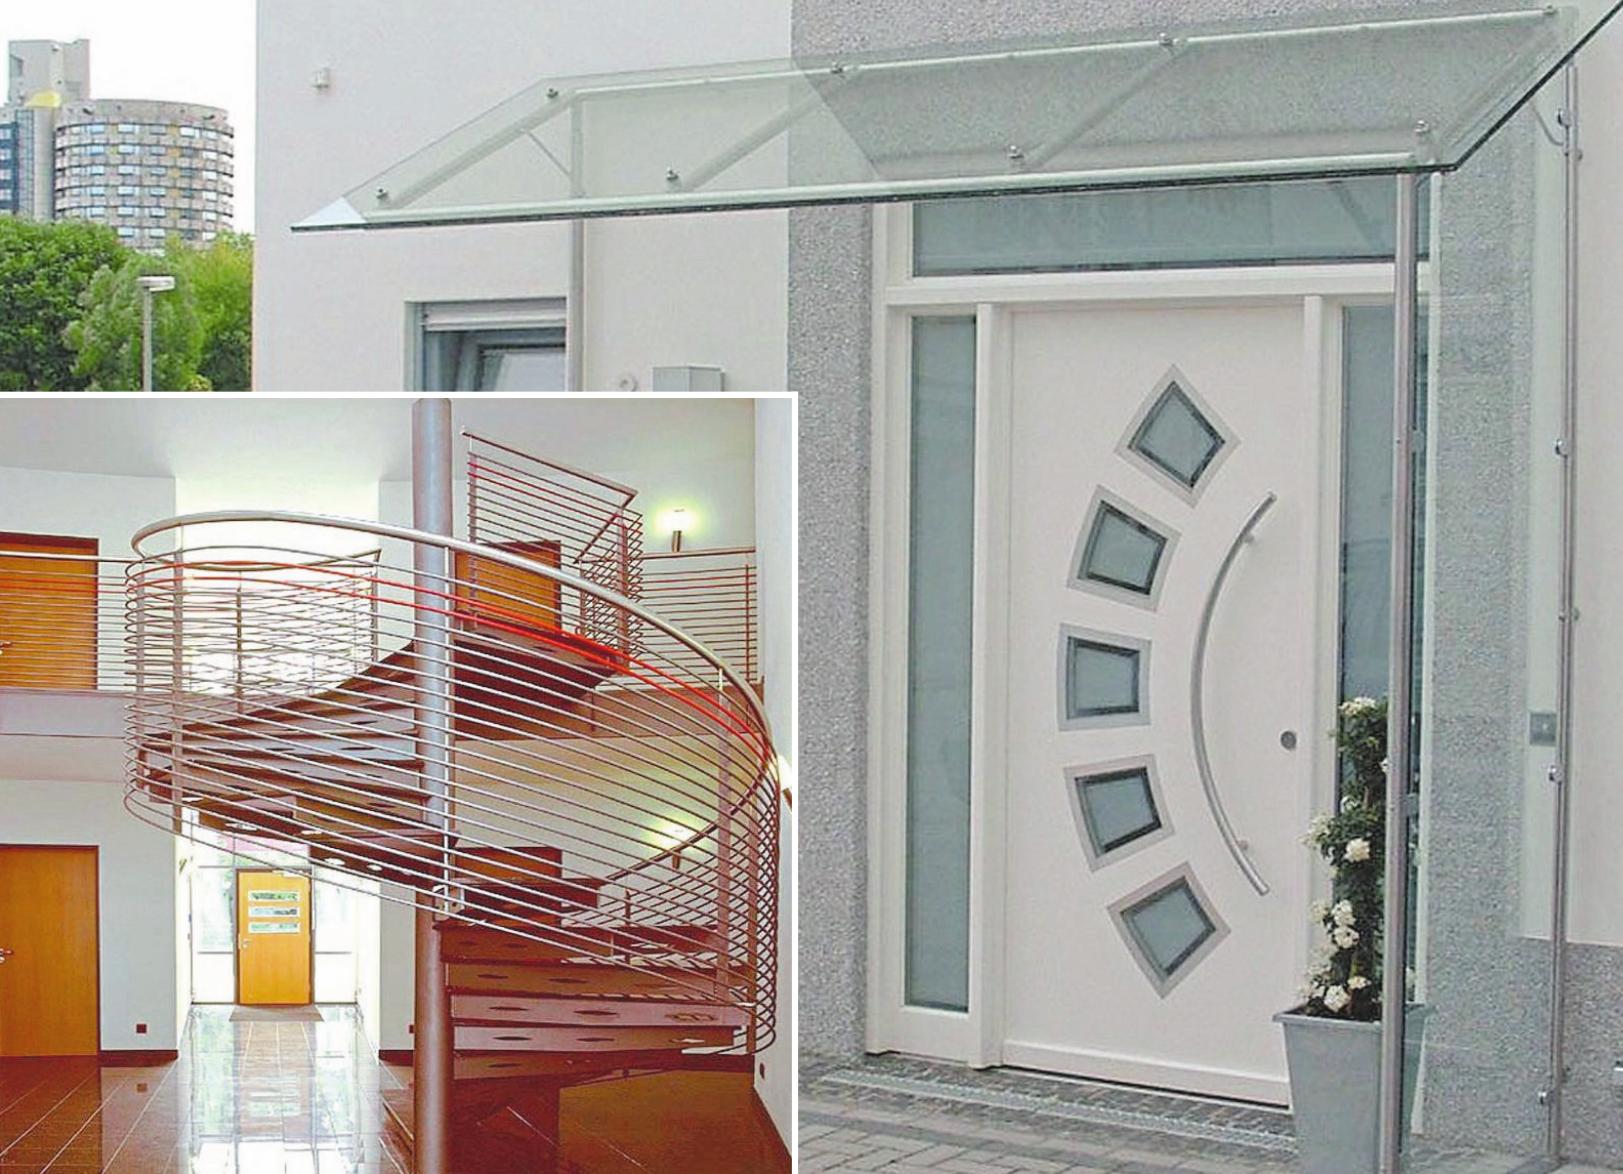 Ob Treppenanlagen (kl. Foto) oder Vordächer. Das Familienunternehmen Metallverarbeitung Marschalck GmbH & Co. KG an der Junkersstraße 15 im Steinfurter Gewerbegebiet Sonnenschein verfügt im Stahlbau über eine mehr als 20 Jahre lange Erfahrung. Fotos: Metallverarbeitung Marschalck GmbH & Co. KG